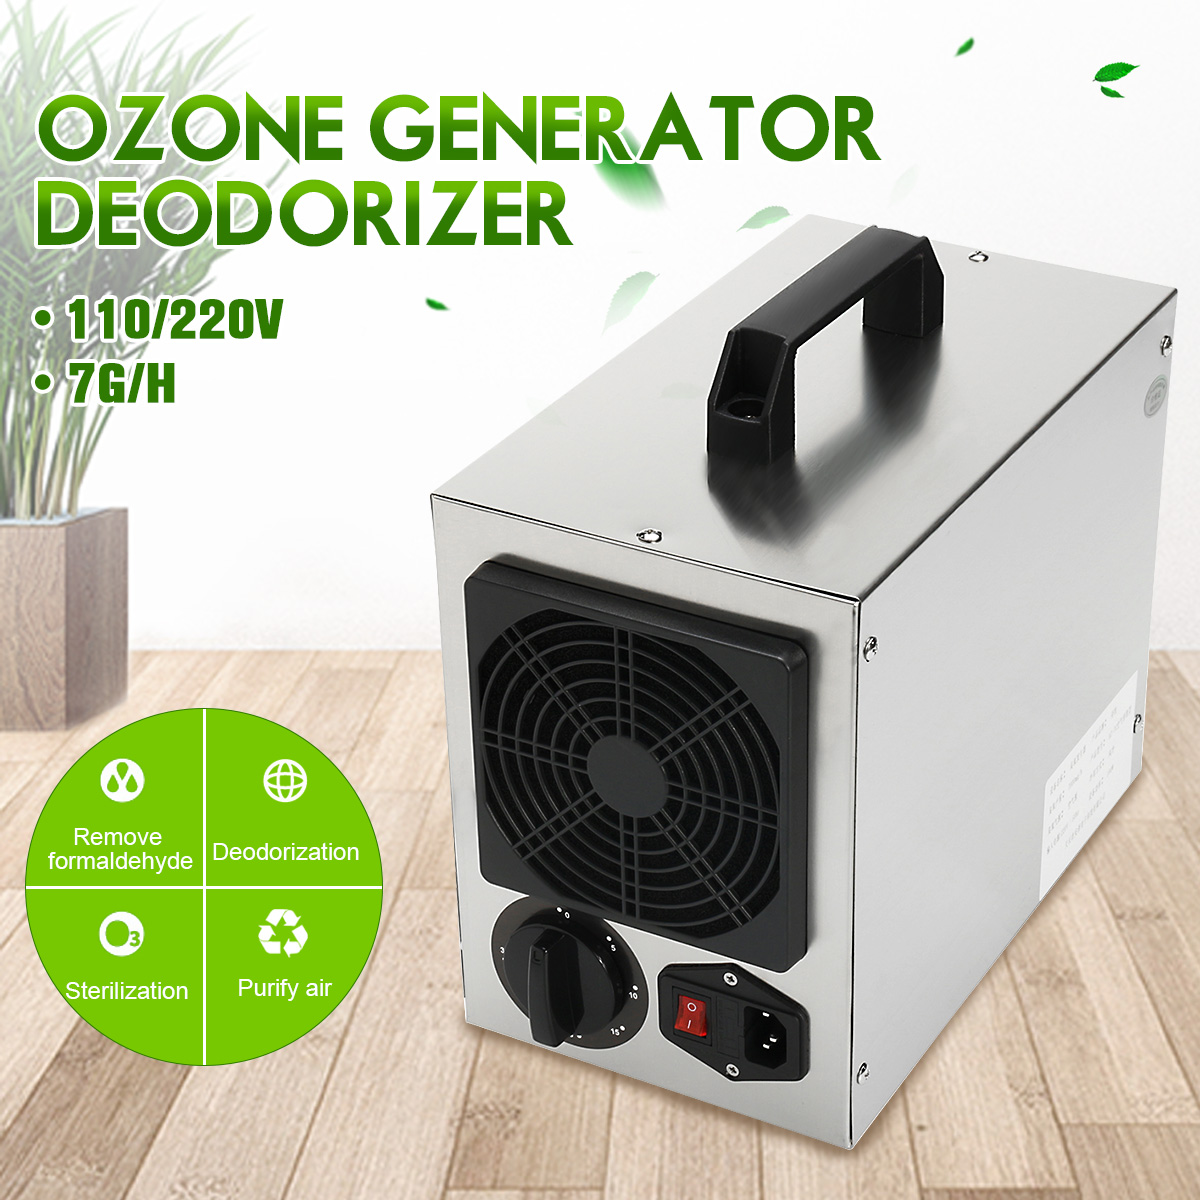 Maison Générateur D'ozone Commercial 7 g/h O3 Purificateur D'air Désodorisant 220 v/110 Filtre à Air Pour L'hôpital À La Maison D'usine prise AU